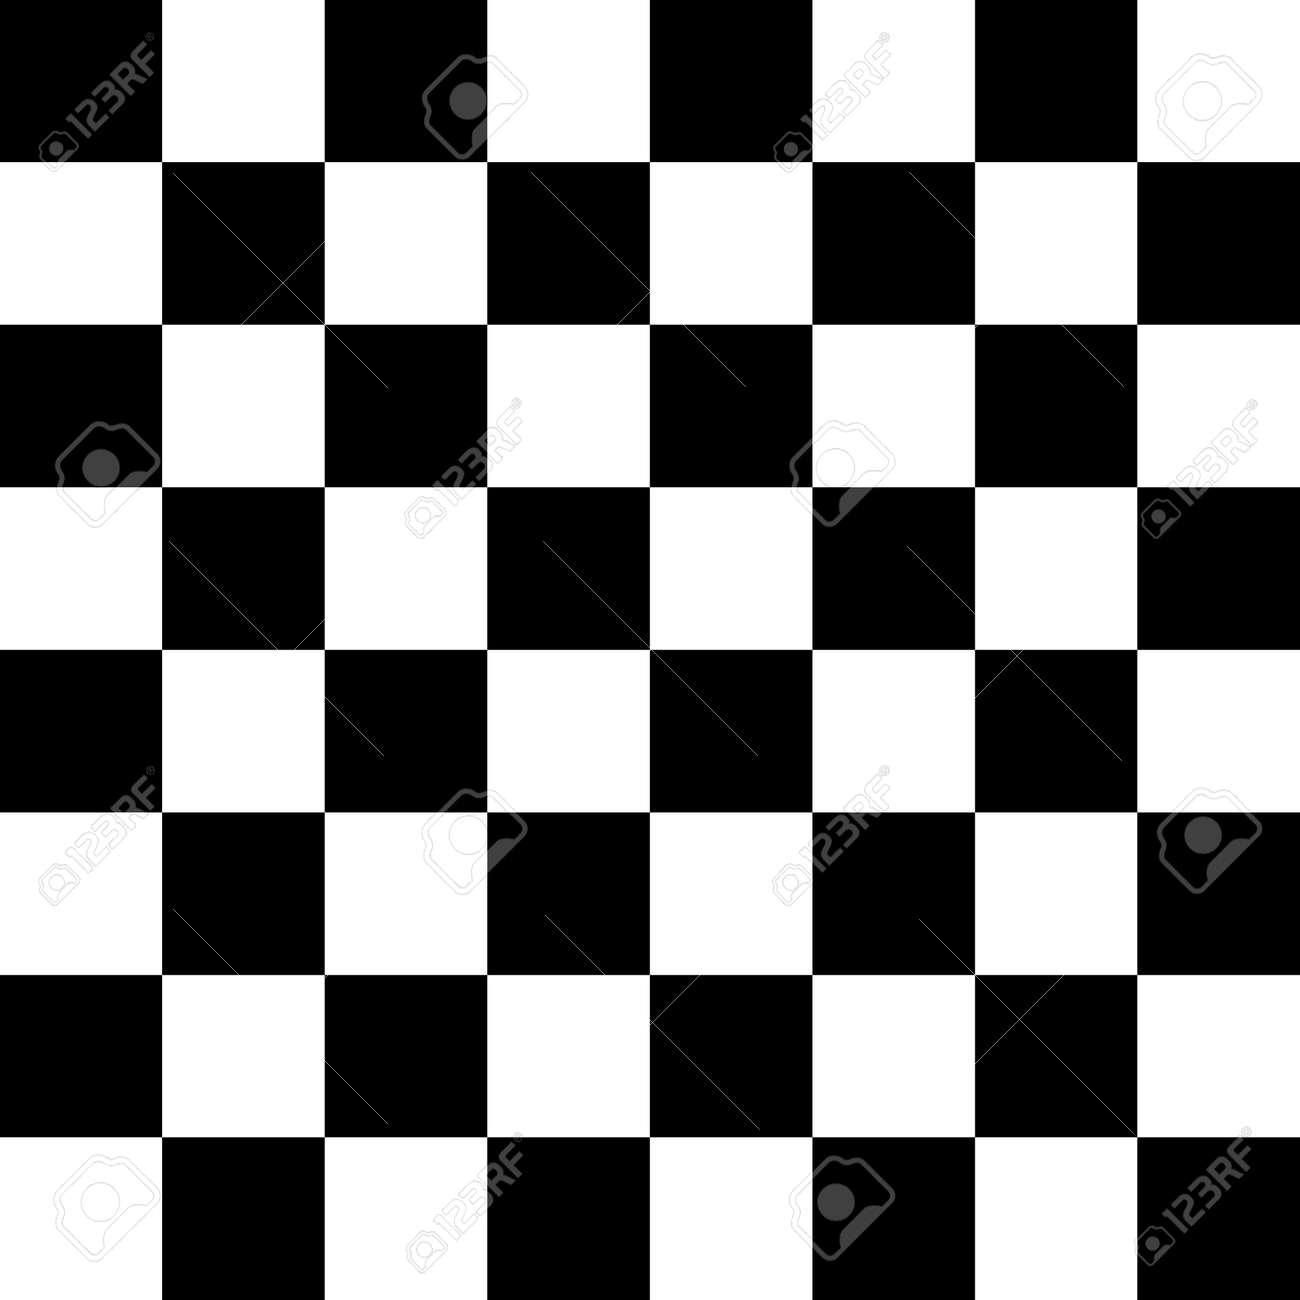 チェスのシームレスなパターン ファッション ボリューム テクスチャー